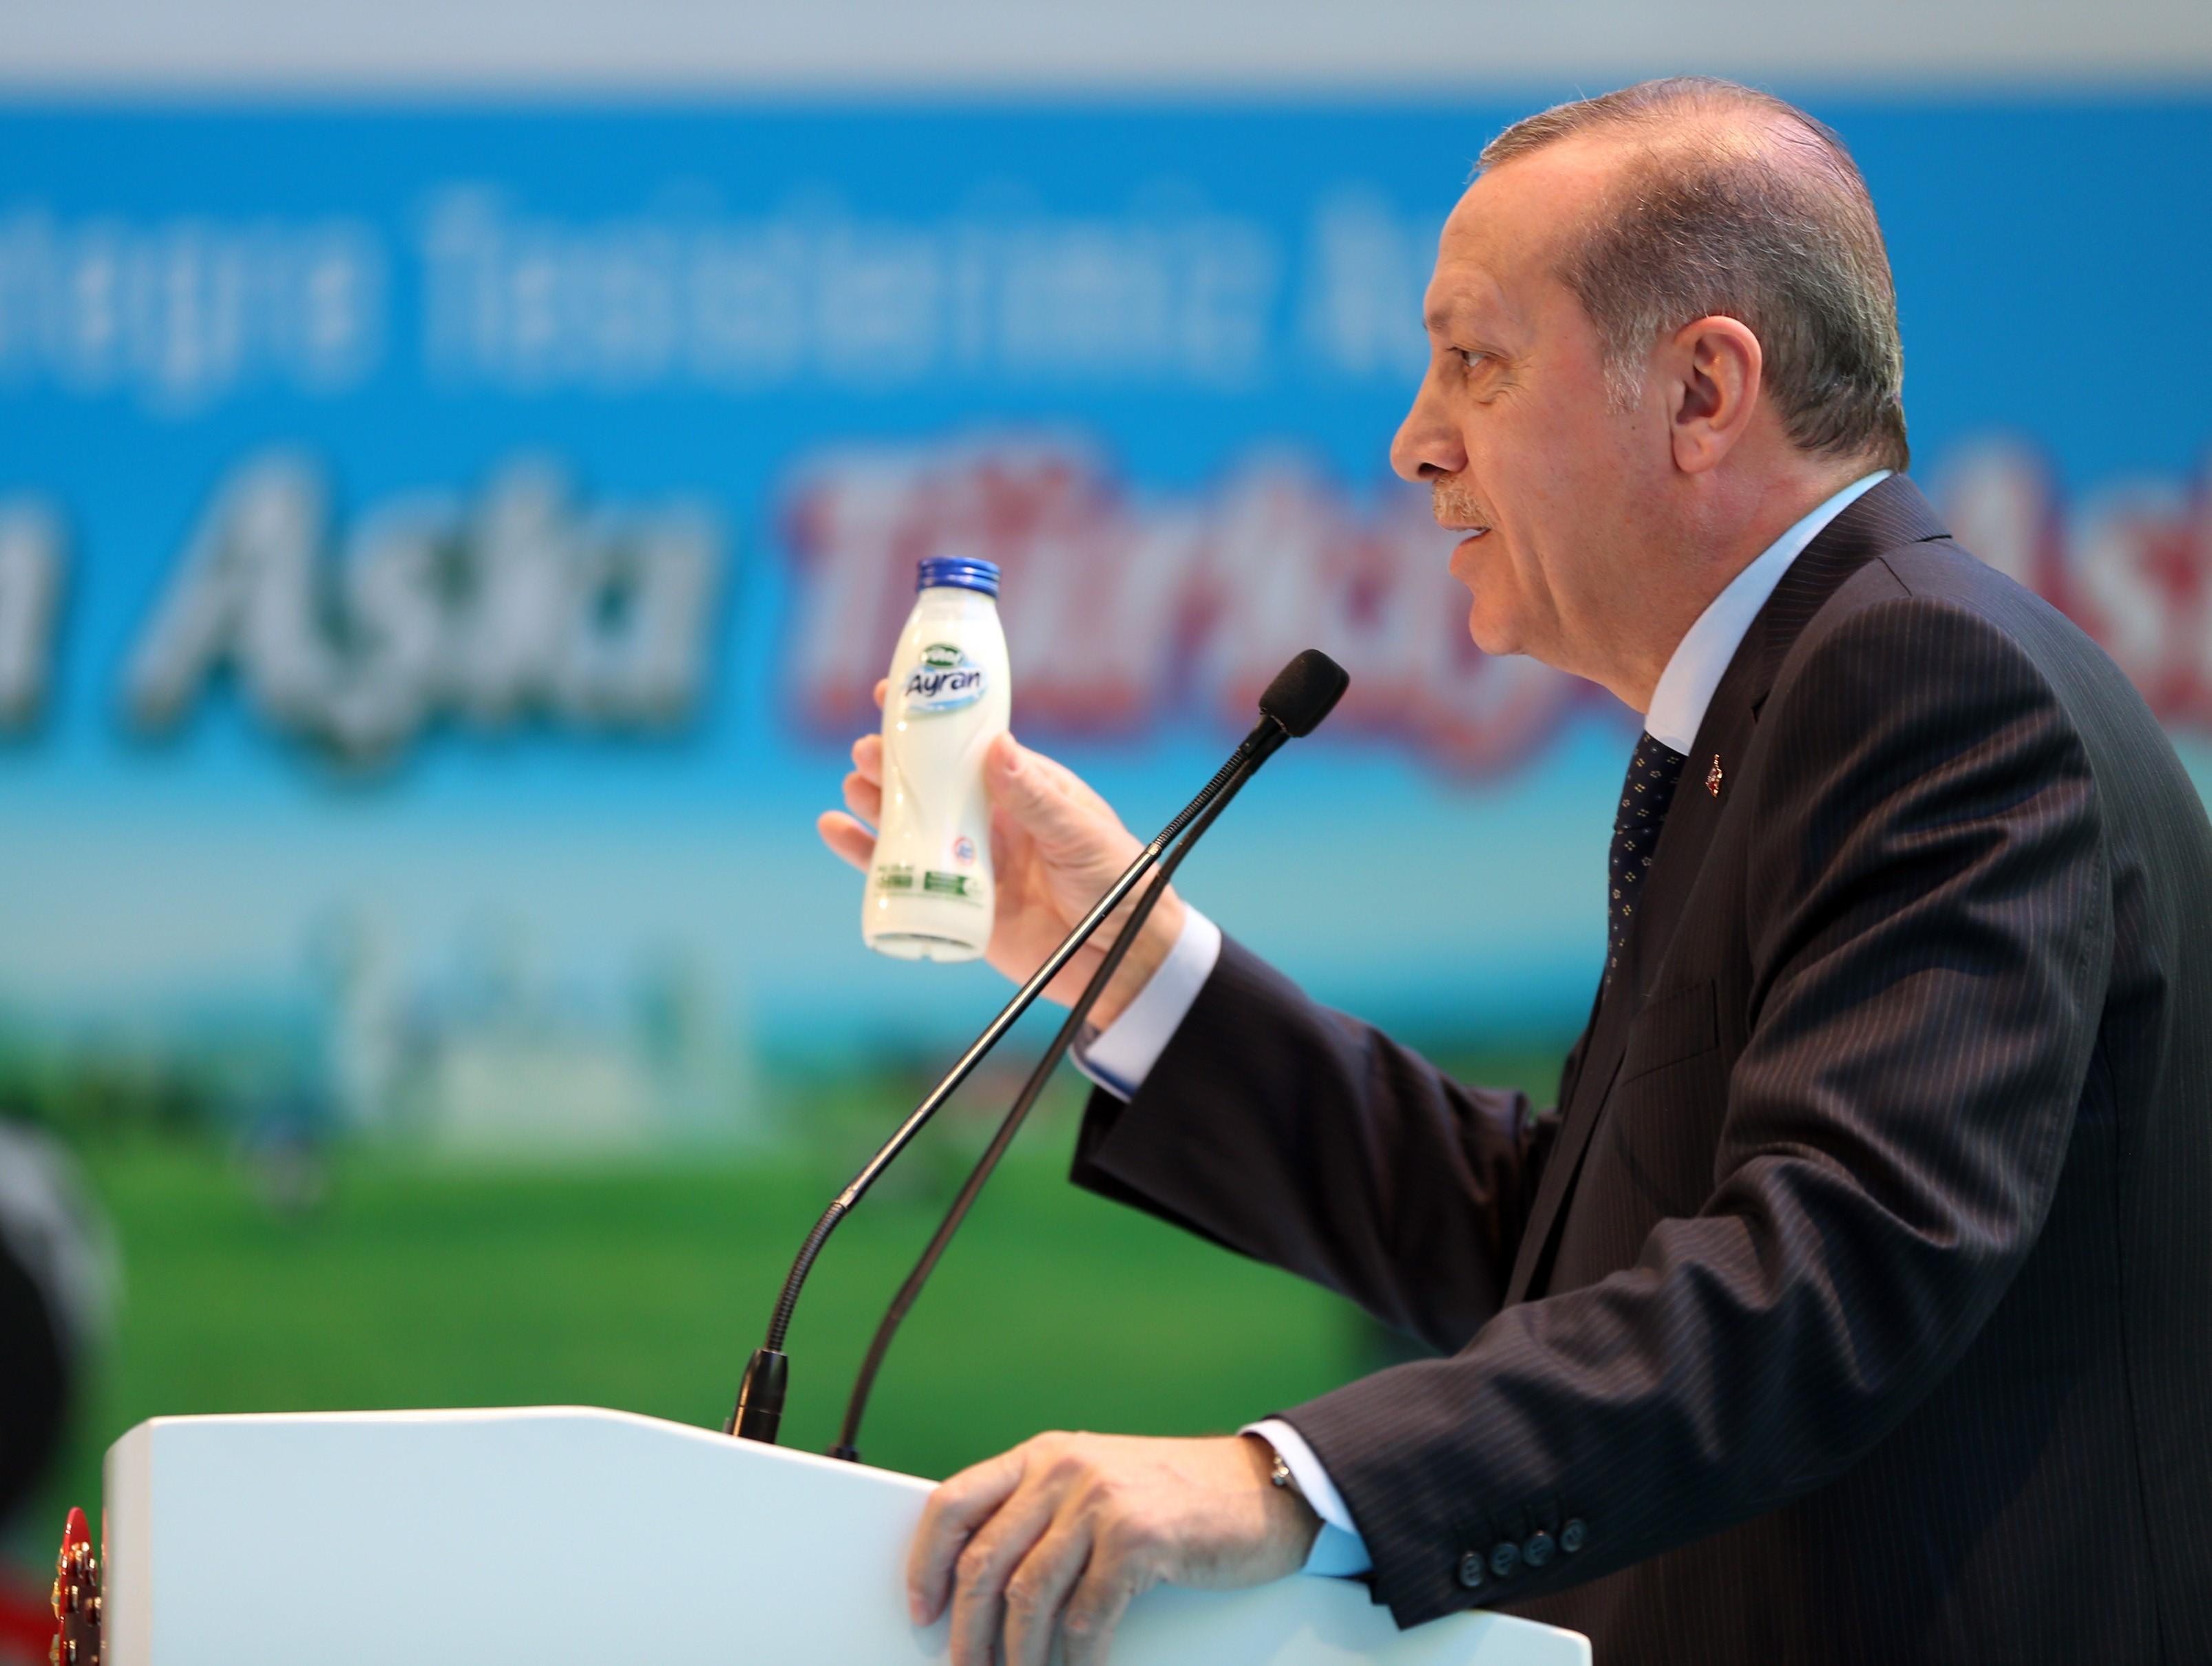 Törökországban 10 ezer ember ellen indítottak nyomozást az internetes tevékenységük miatt